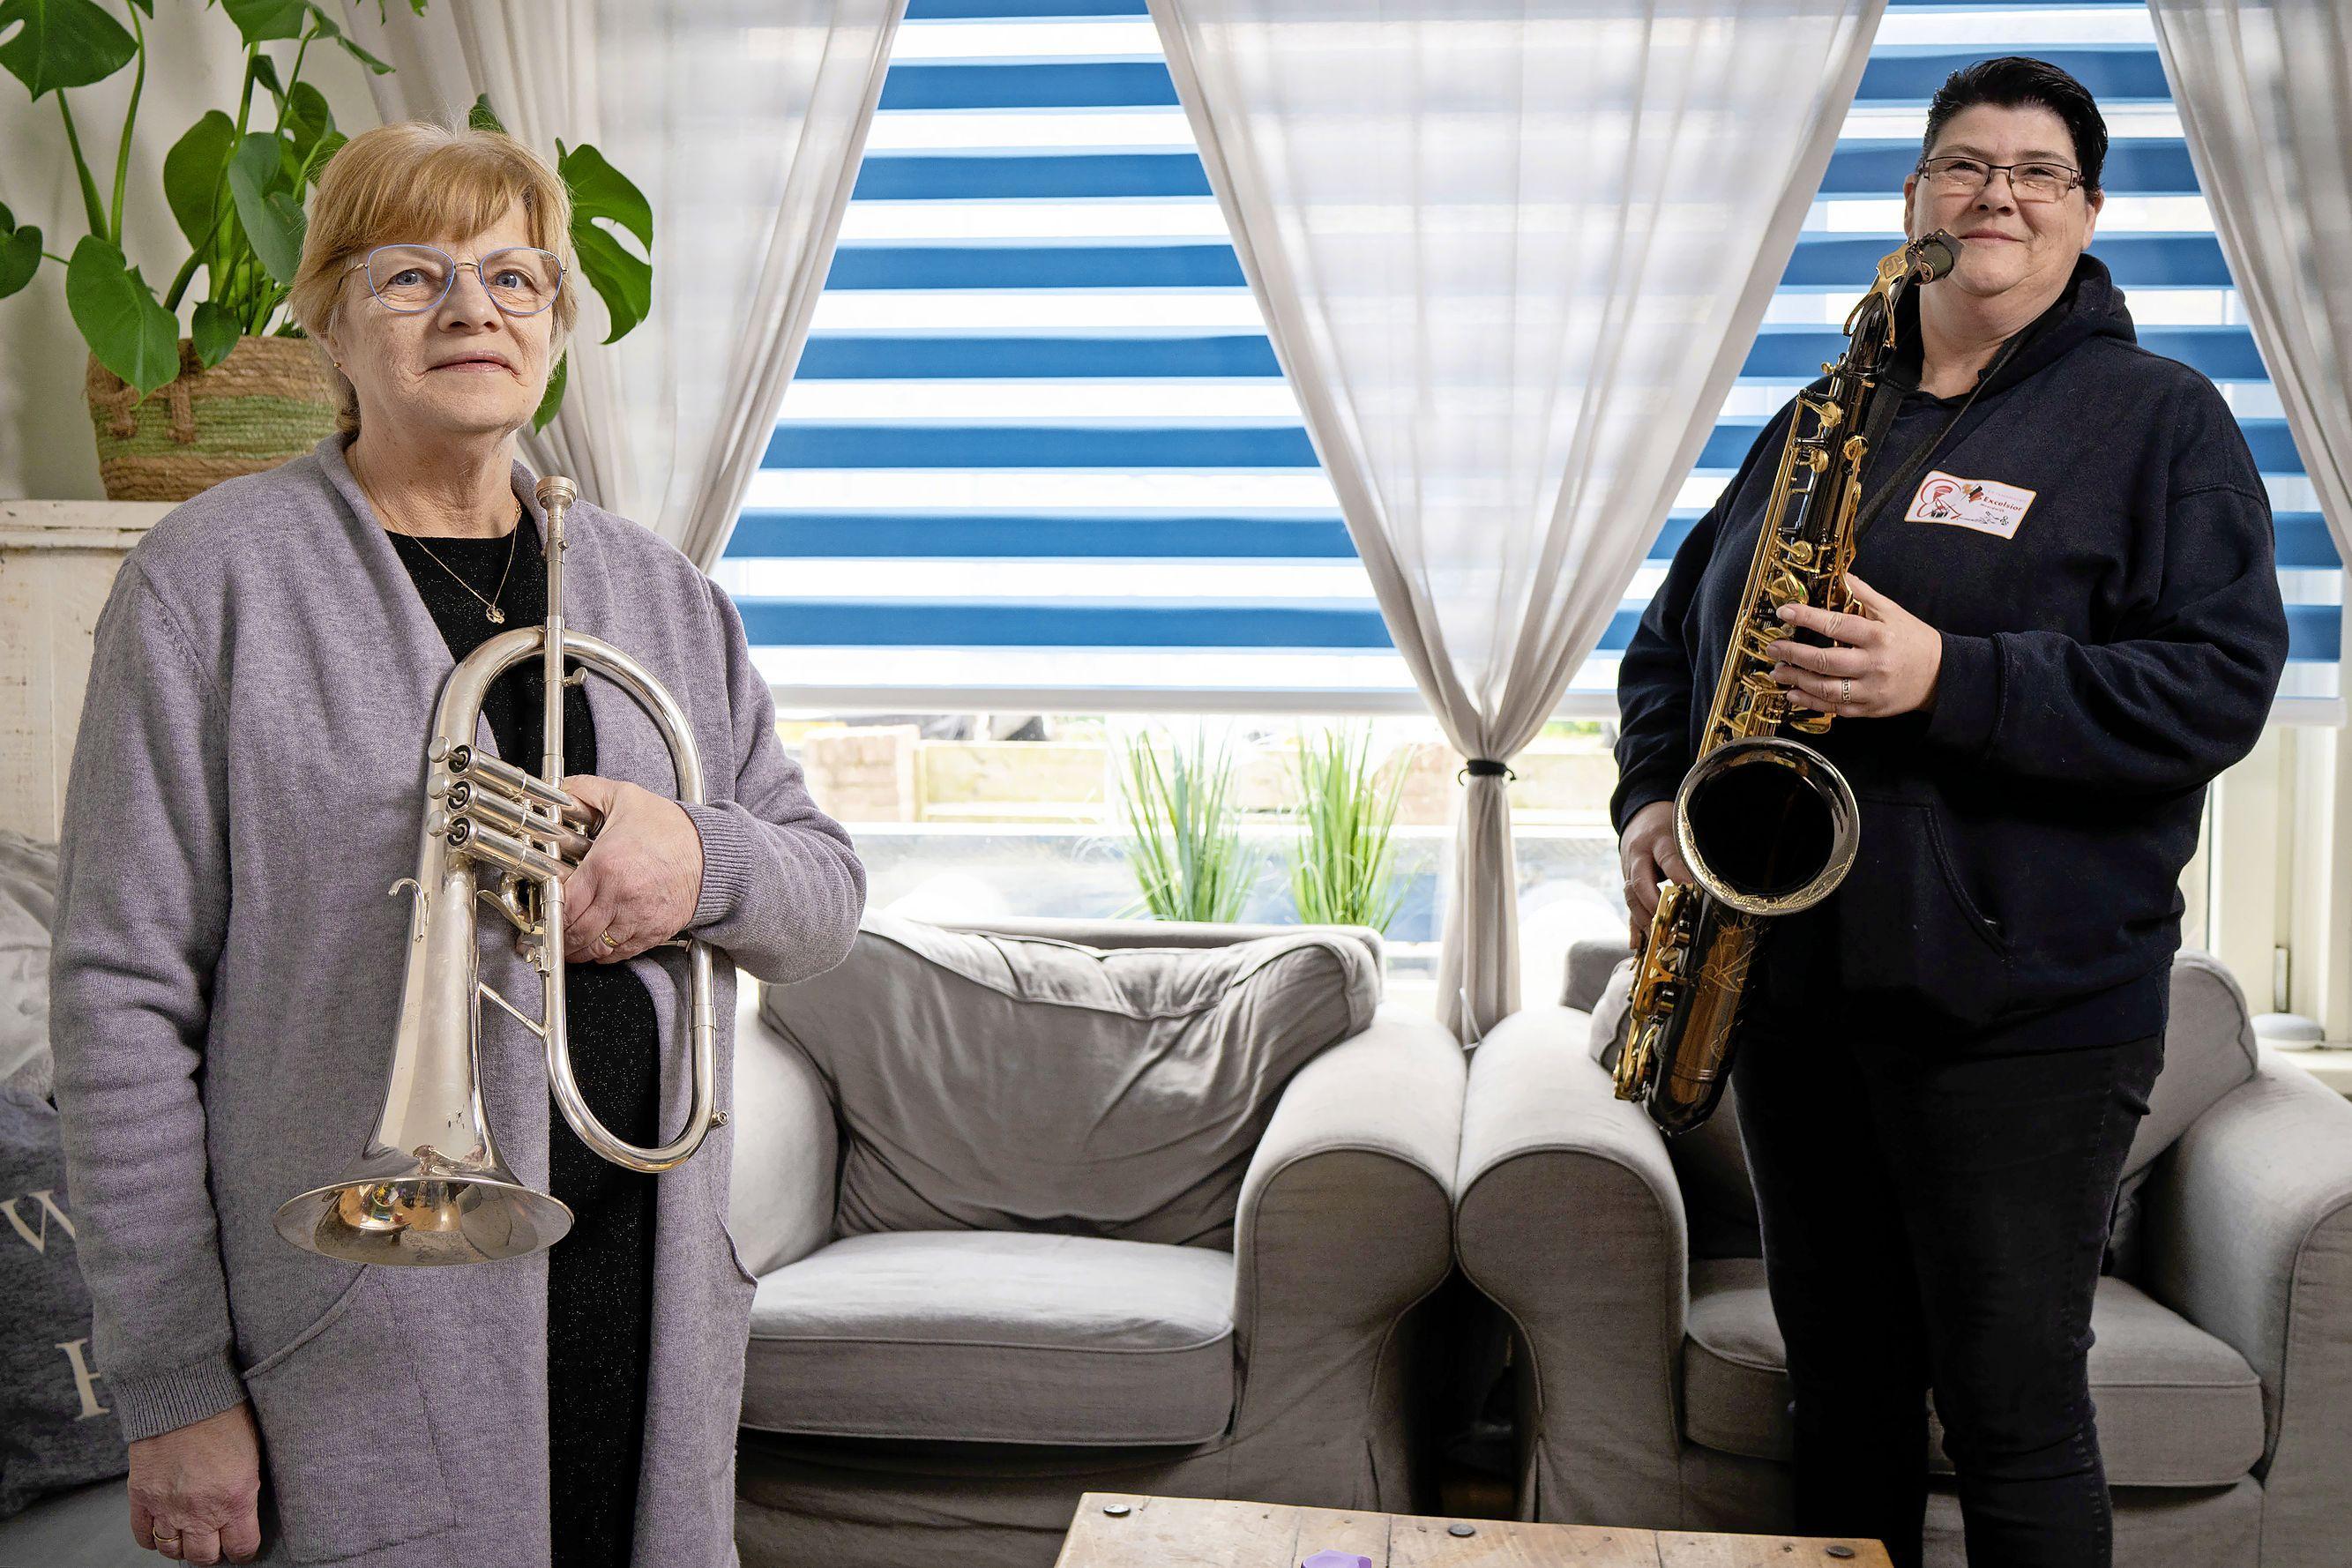 Feest zonder vrolijke noot; de instrumenten zwijgen tijdens het jubileum van Noordwijks fanfarekorps Excelsior